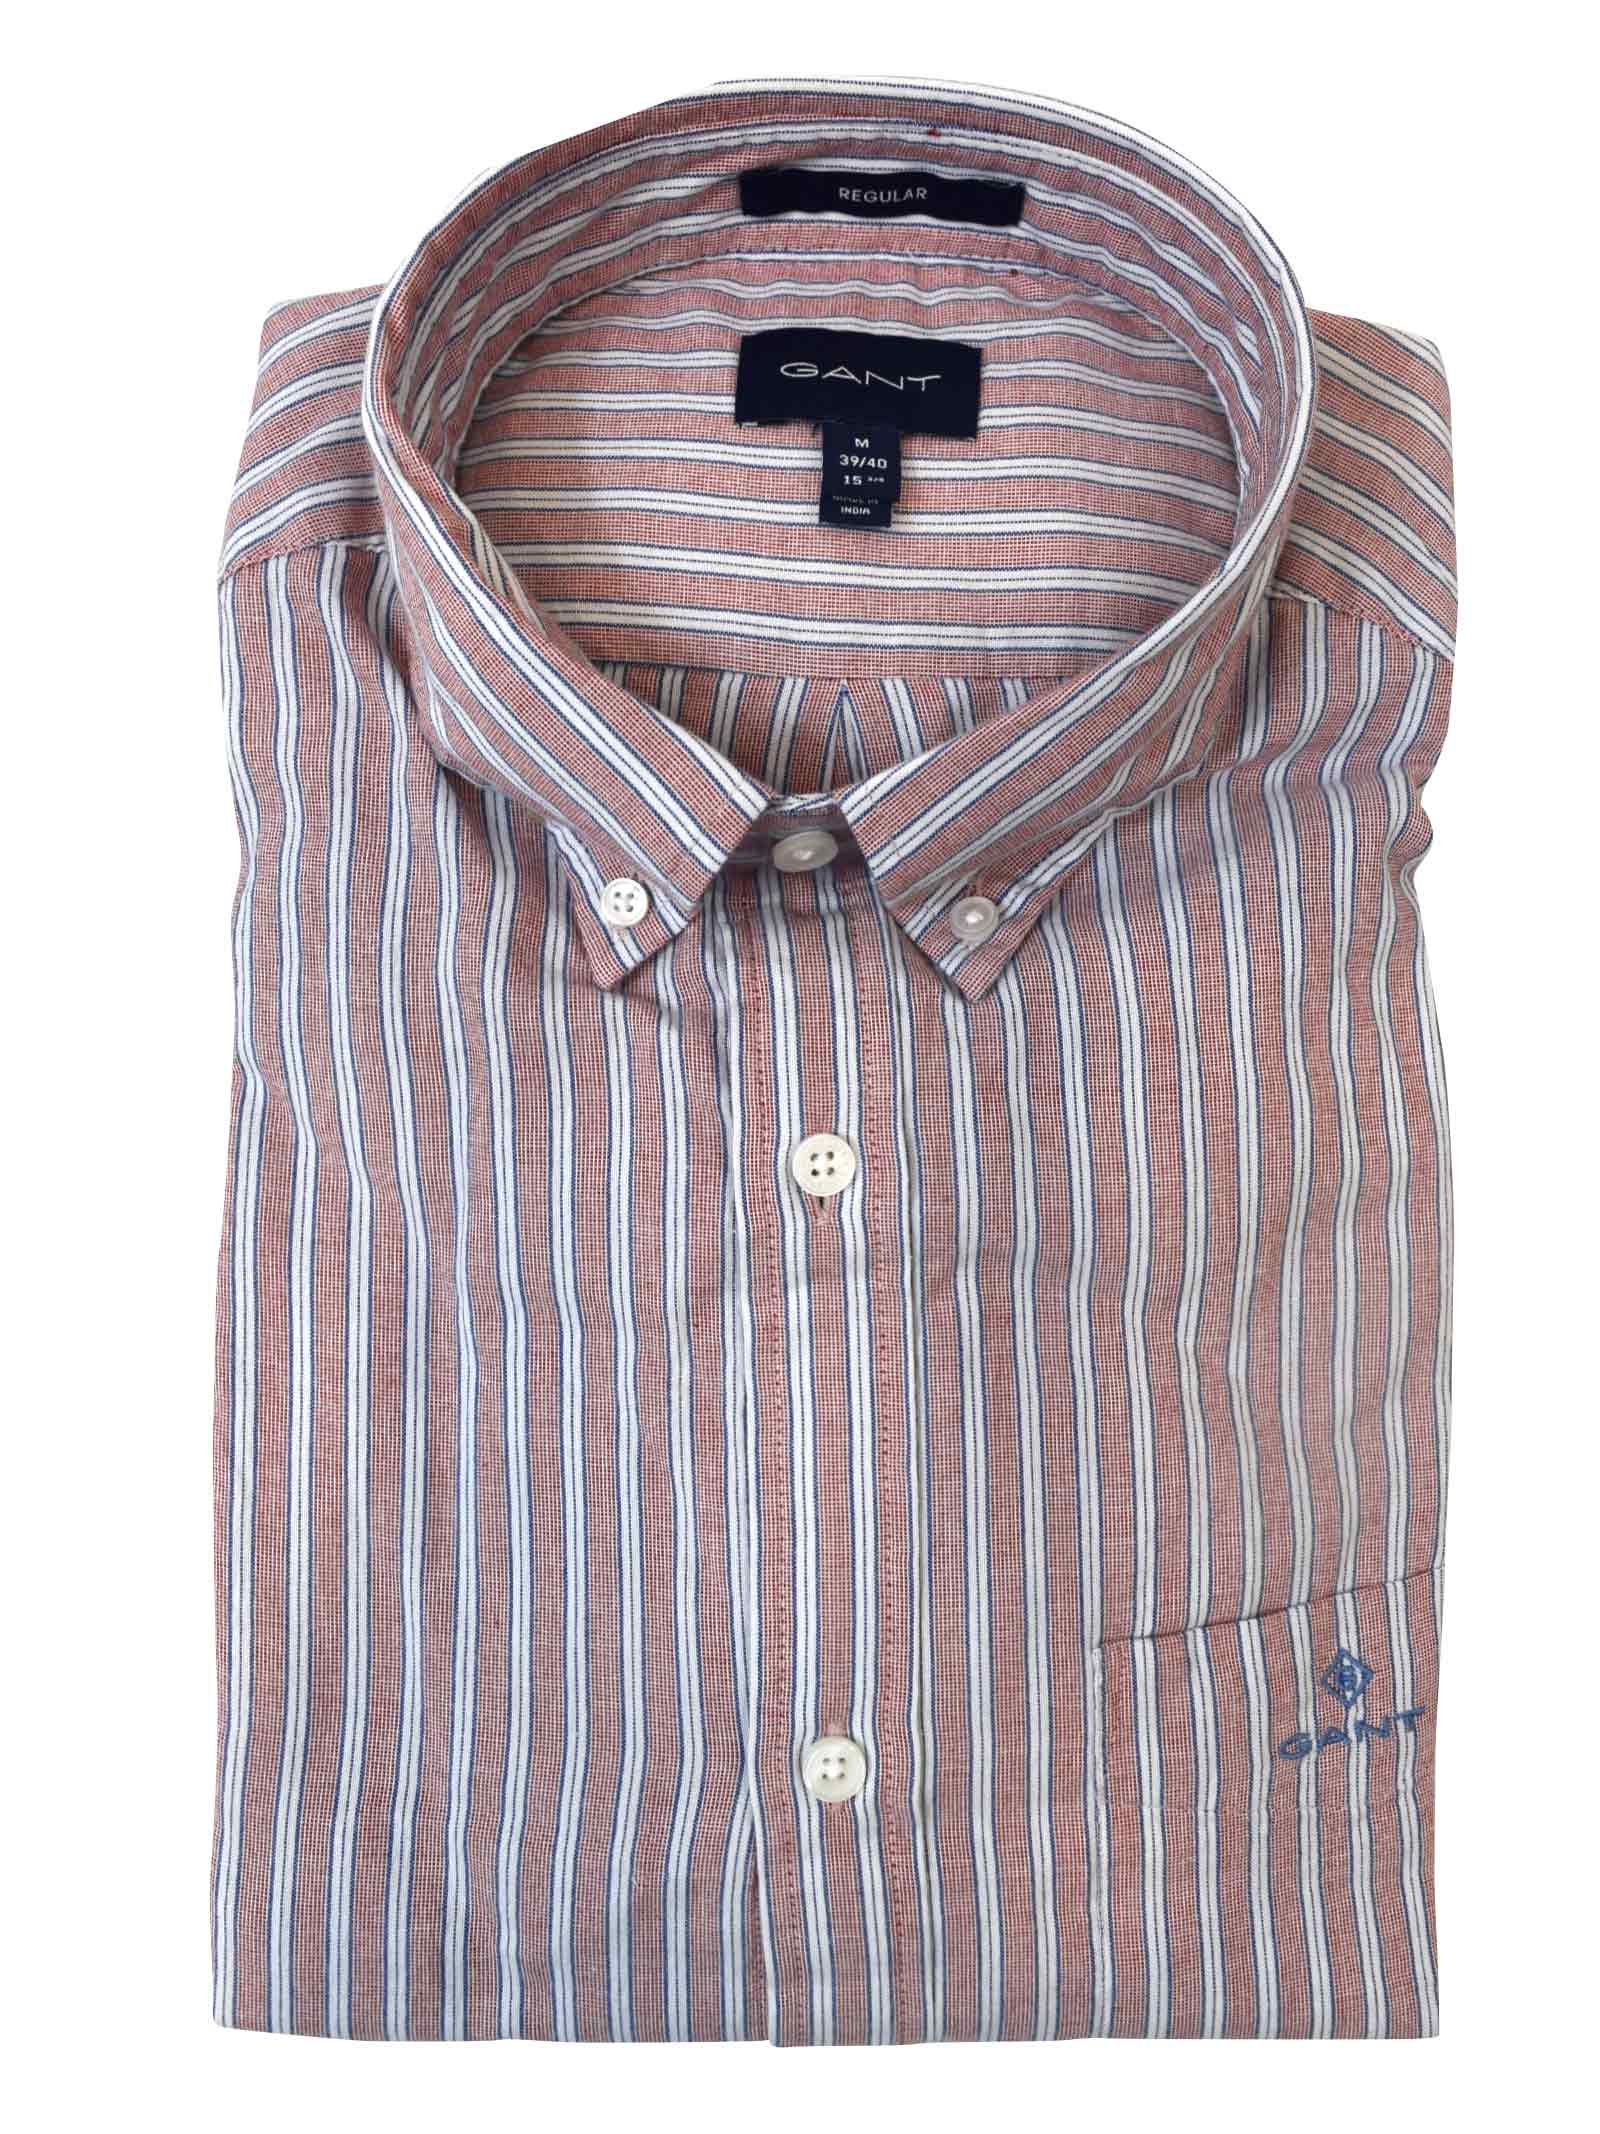 GANT | Shirts | 3023330620